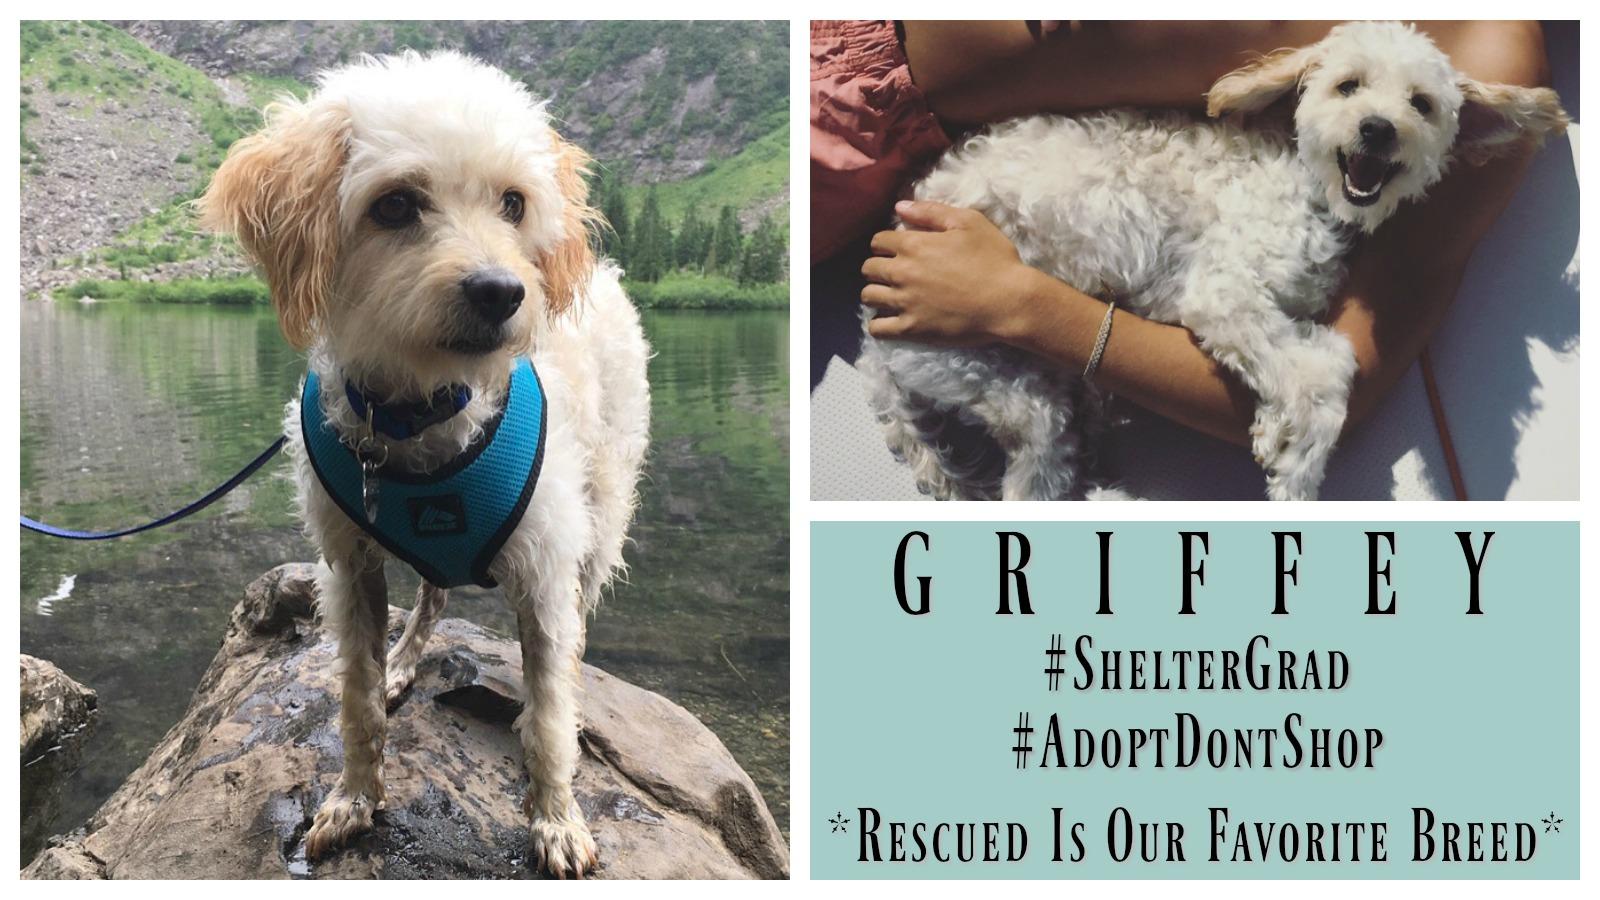 griffey-featured